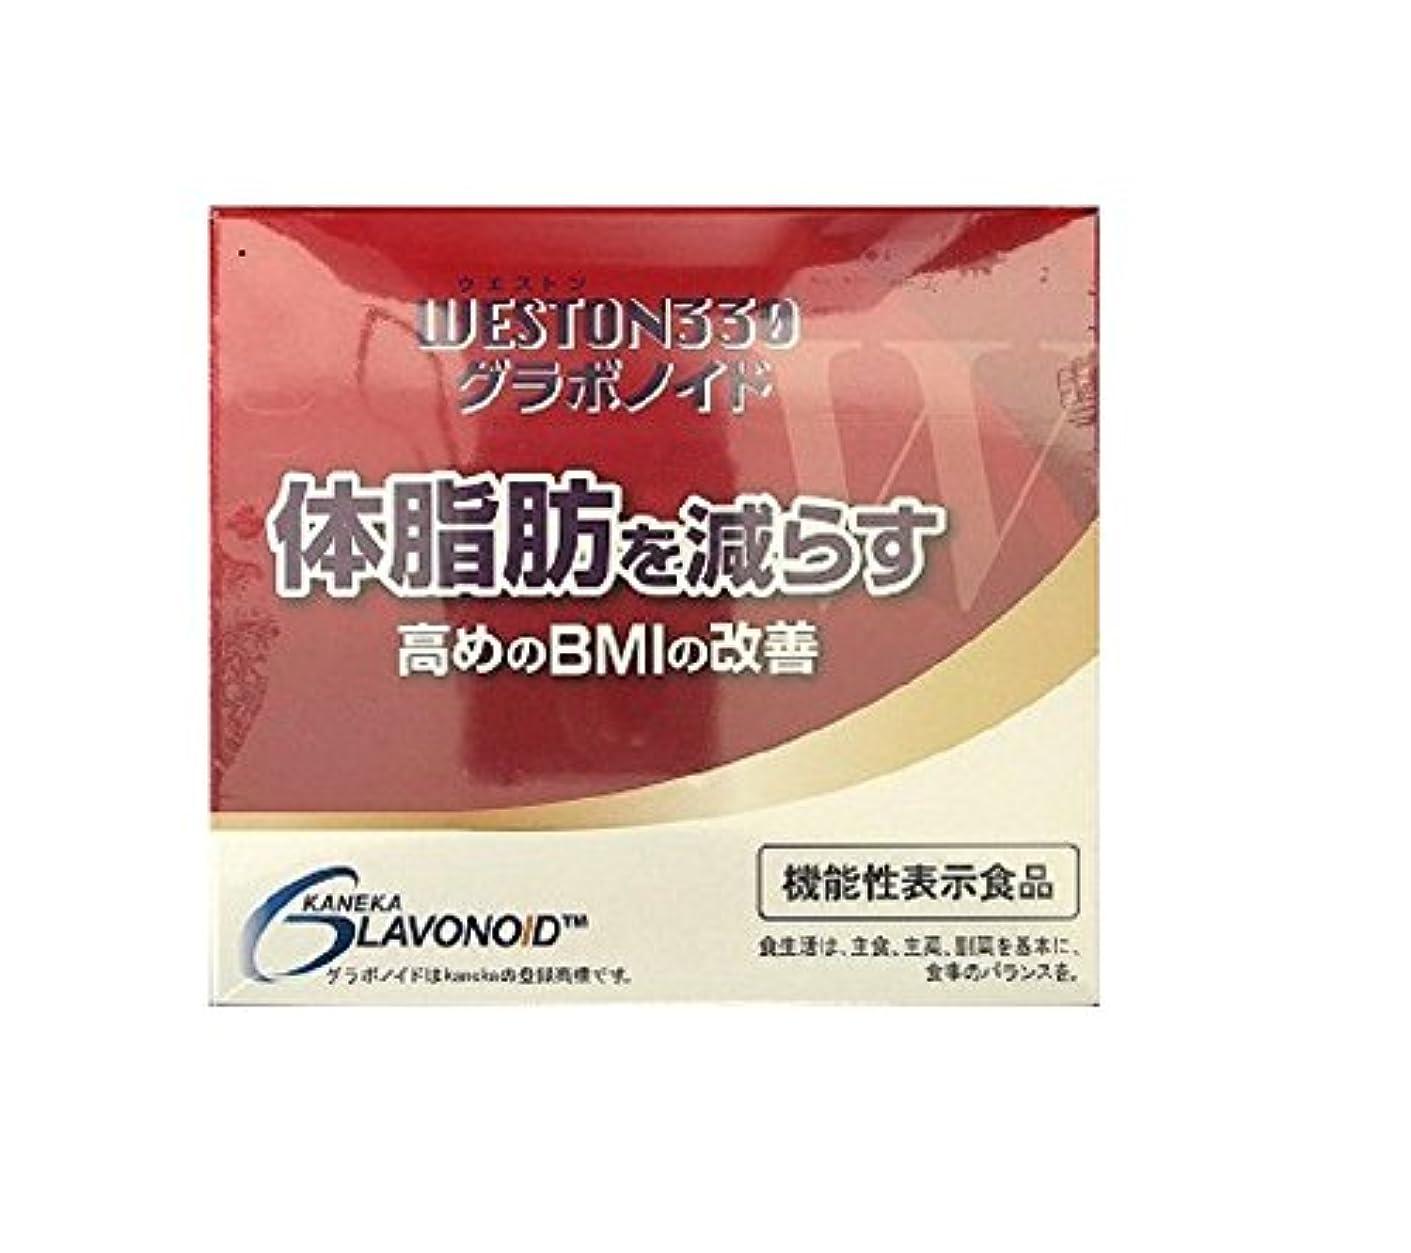 じゃがいも難しい次リマックスジャパン WESTON330 グラボノイド 60粒 (30日分) [機能性表示食品]